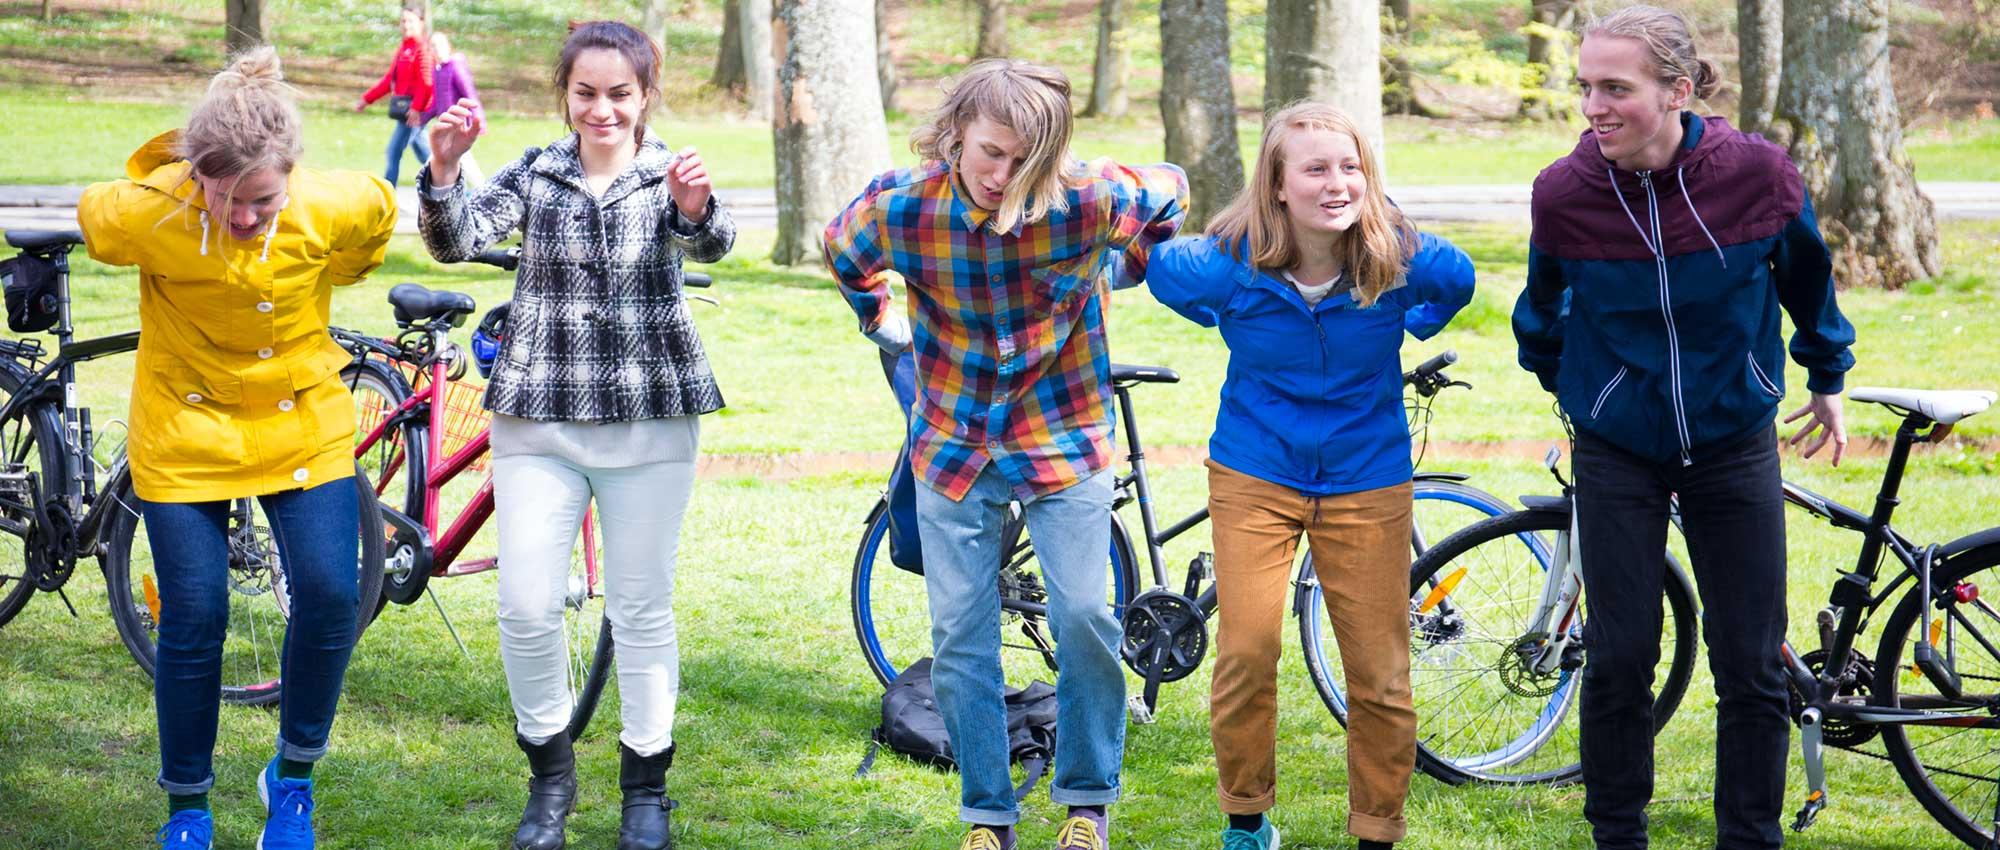 Sociala Webbplatser För Unga Vuxna